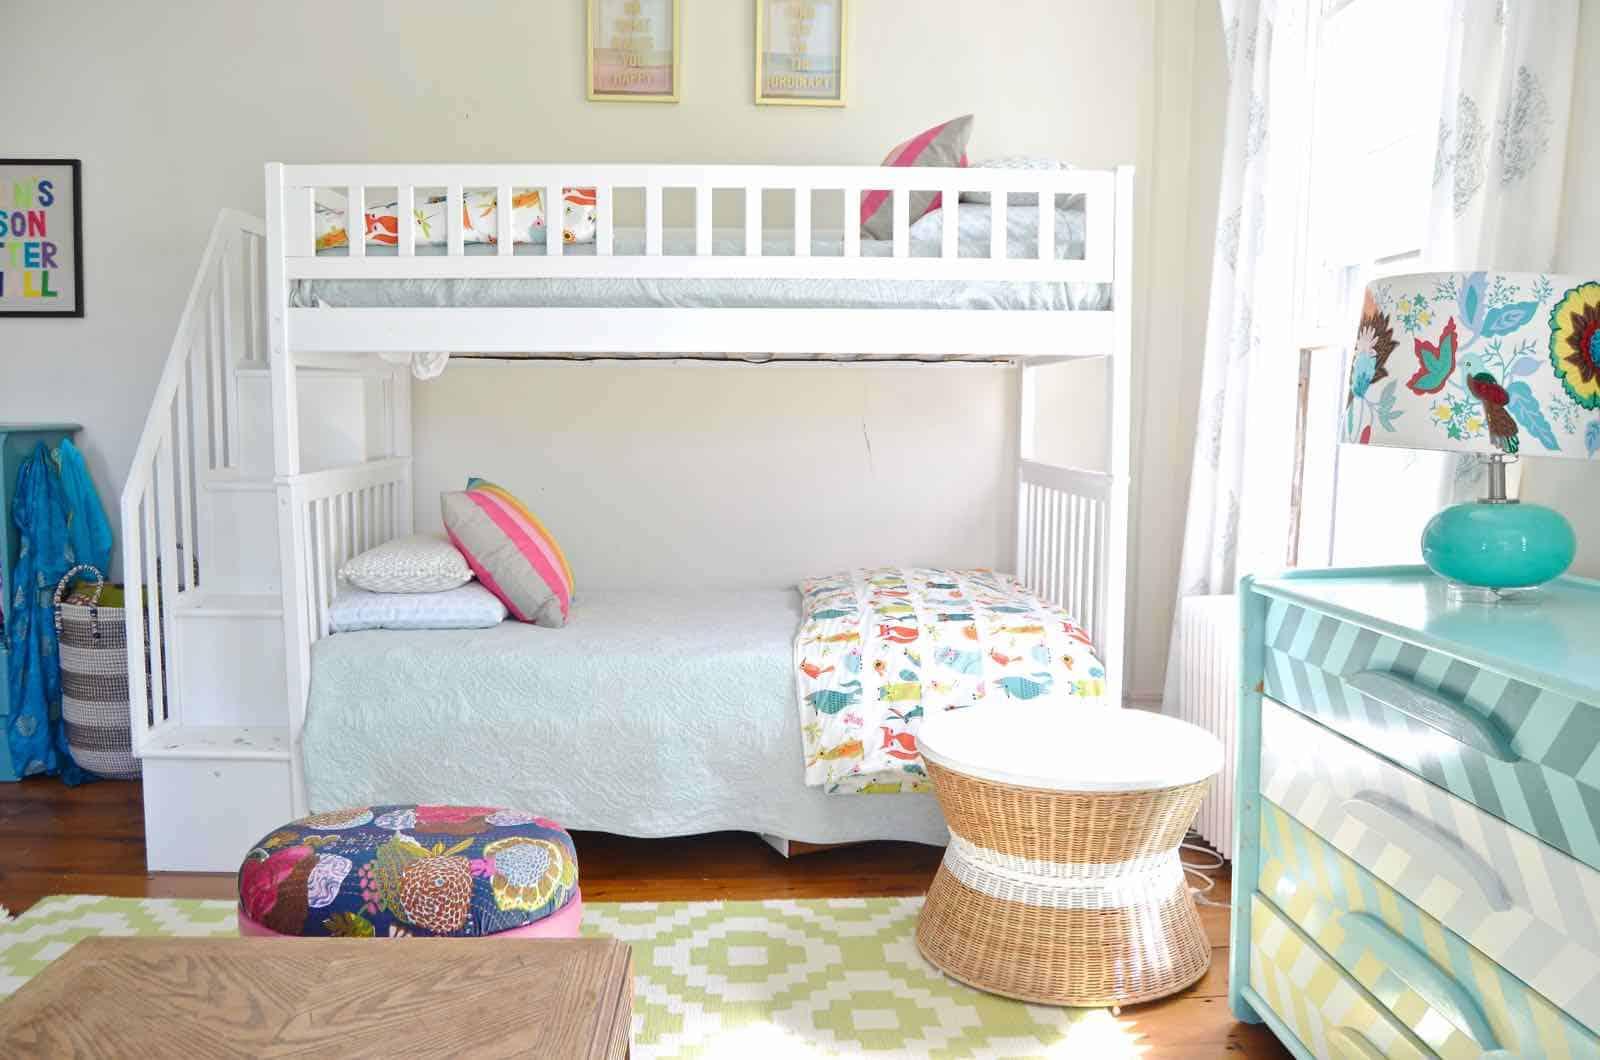 bun beds with fun kids bedding